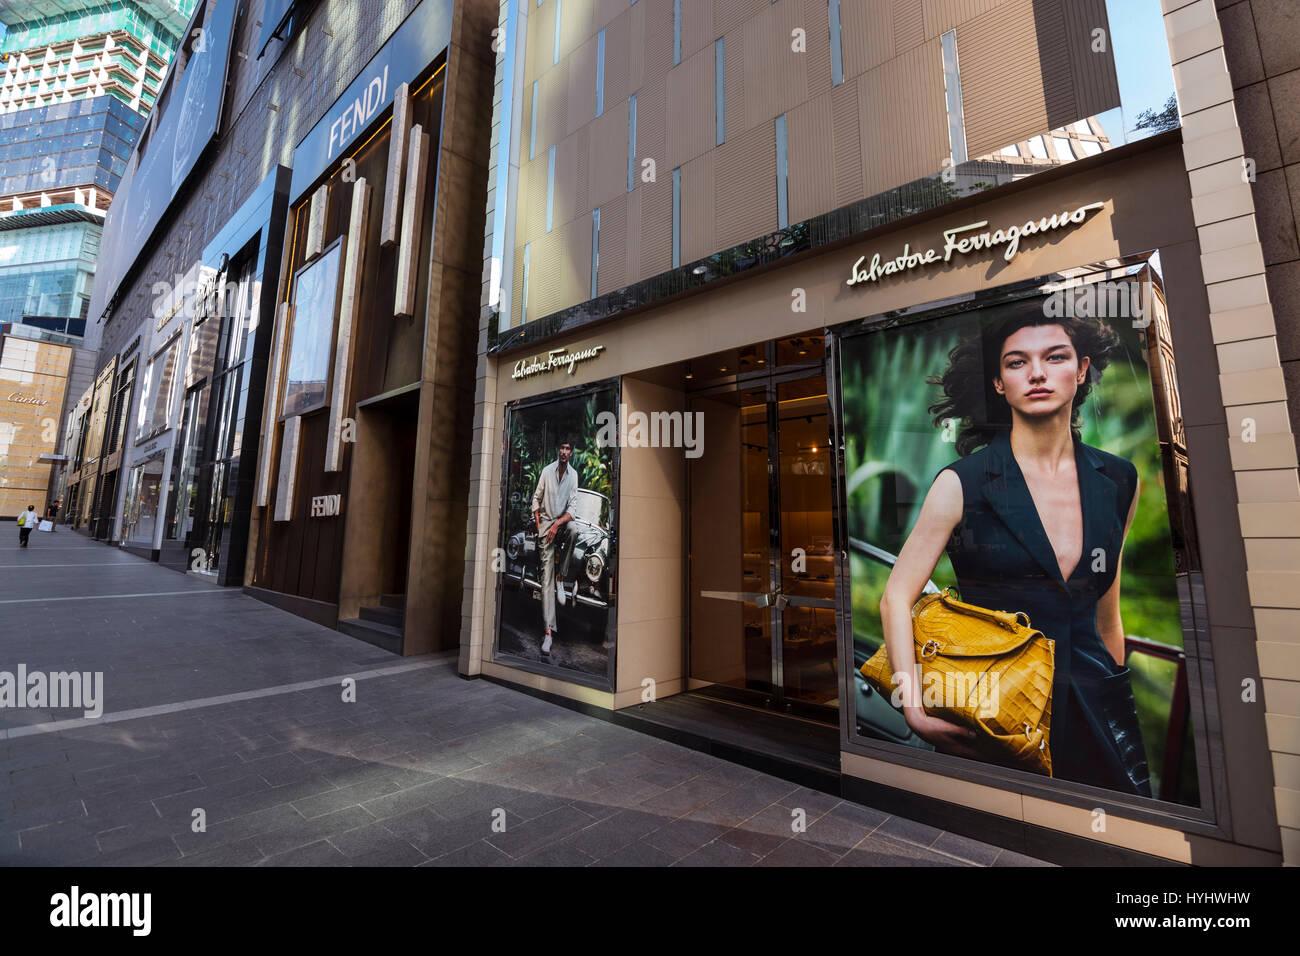 Salvatore Ferragamo, Pavilion Shopping Mall, Kuala Lumpur, Malaysia - Stock Image